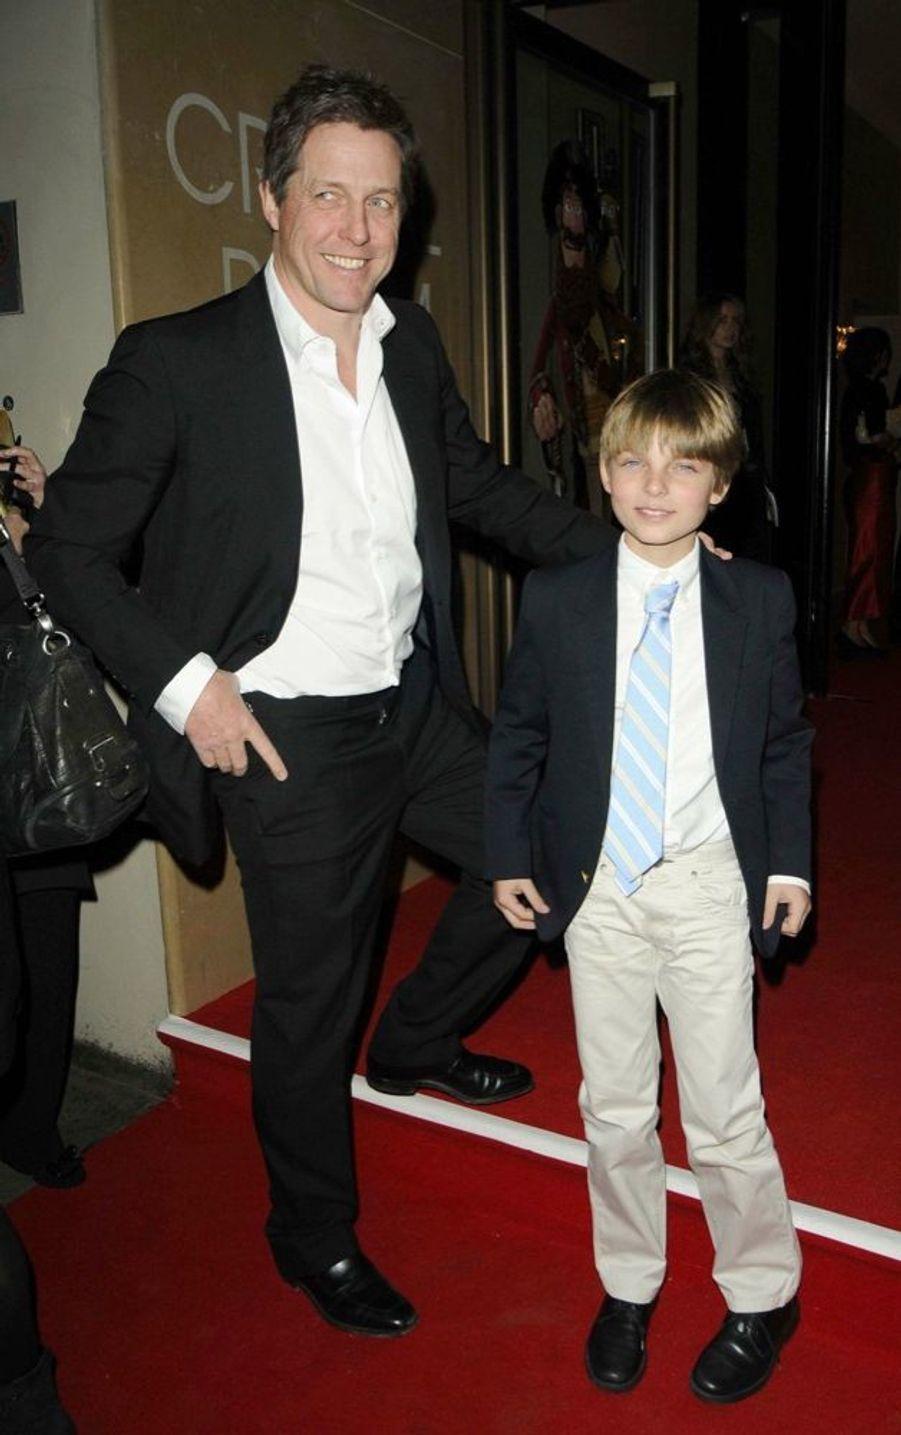 Hugh Grant accompagné de son filleul Damian, le fils de Liz Hurley, lors d'une première à Londres en 2012.